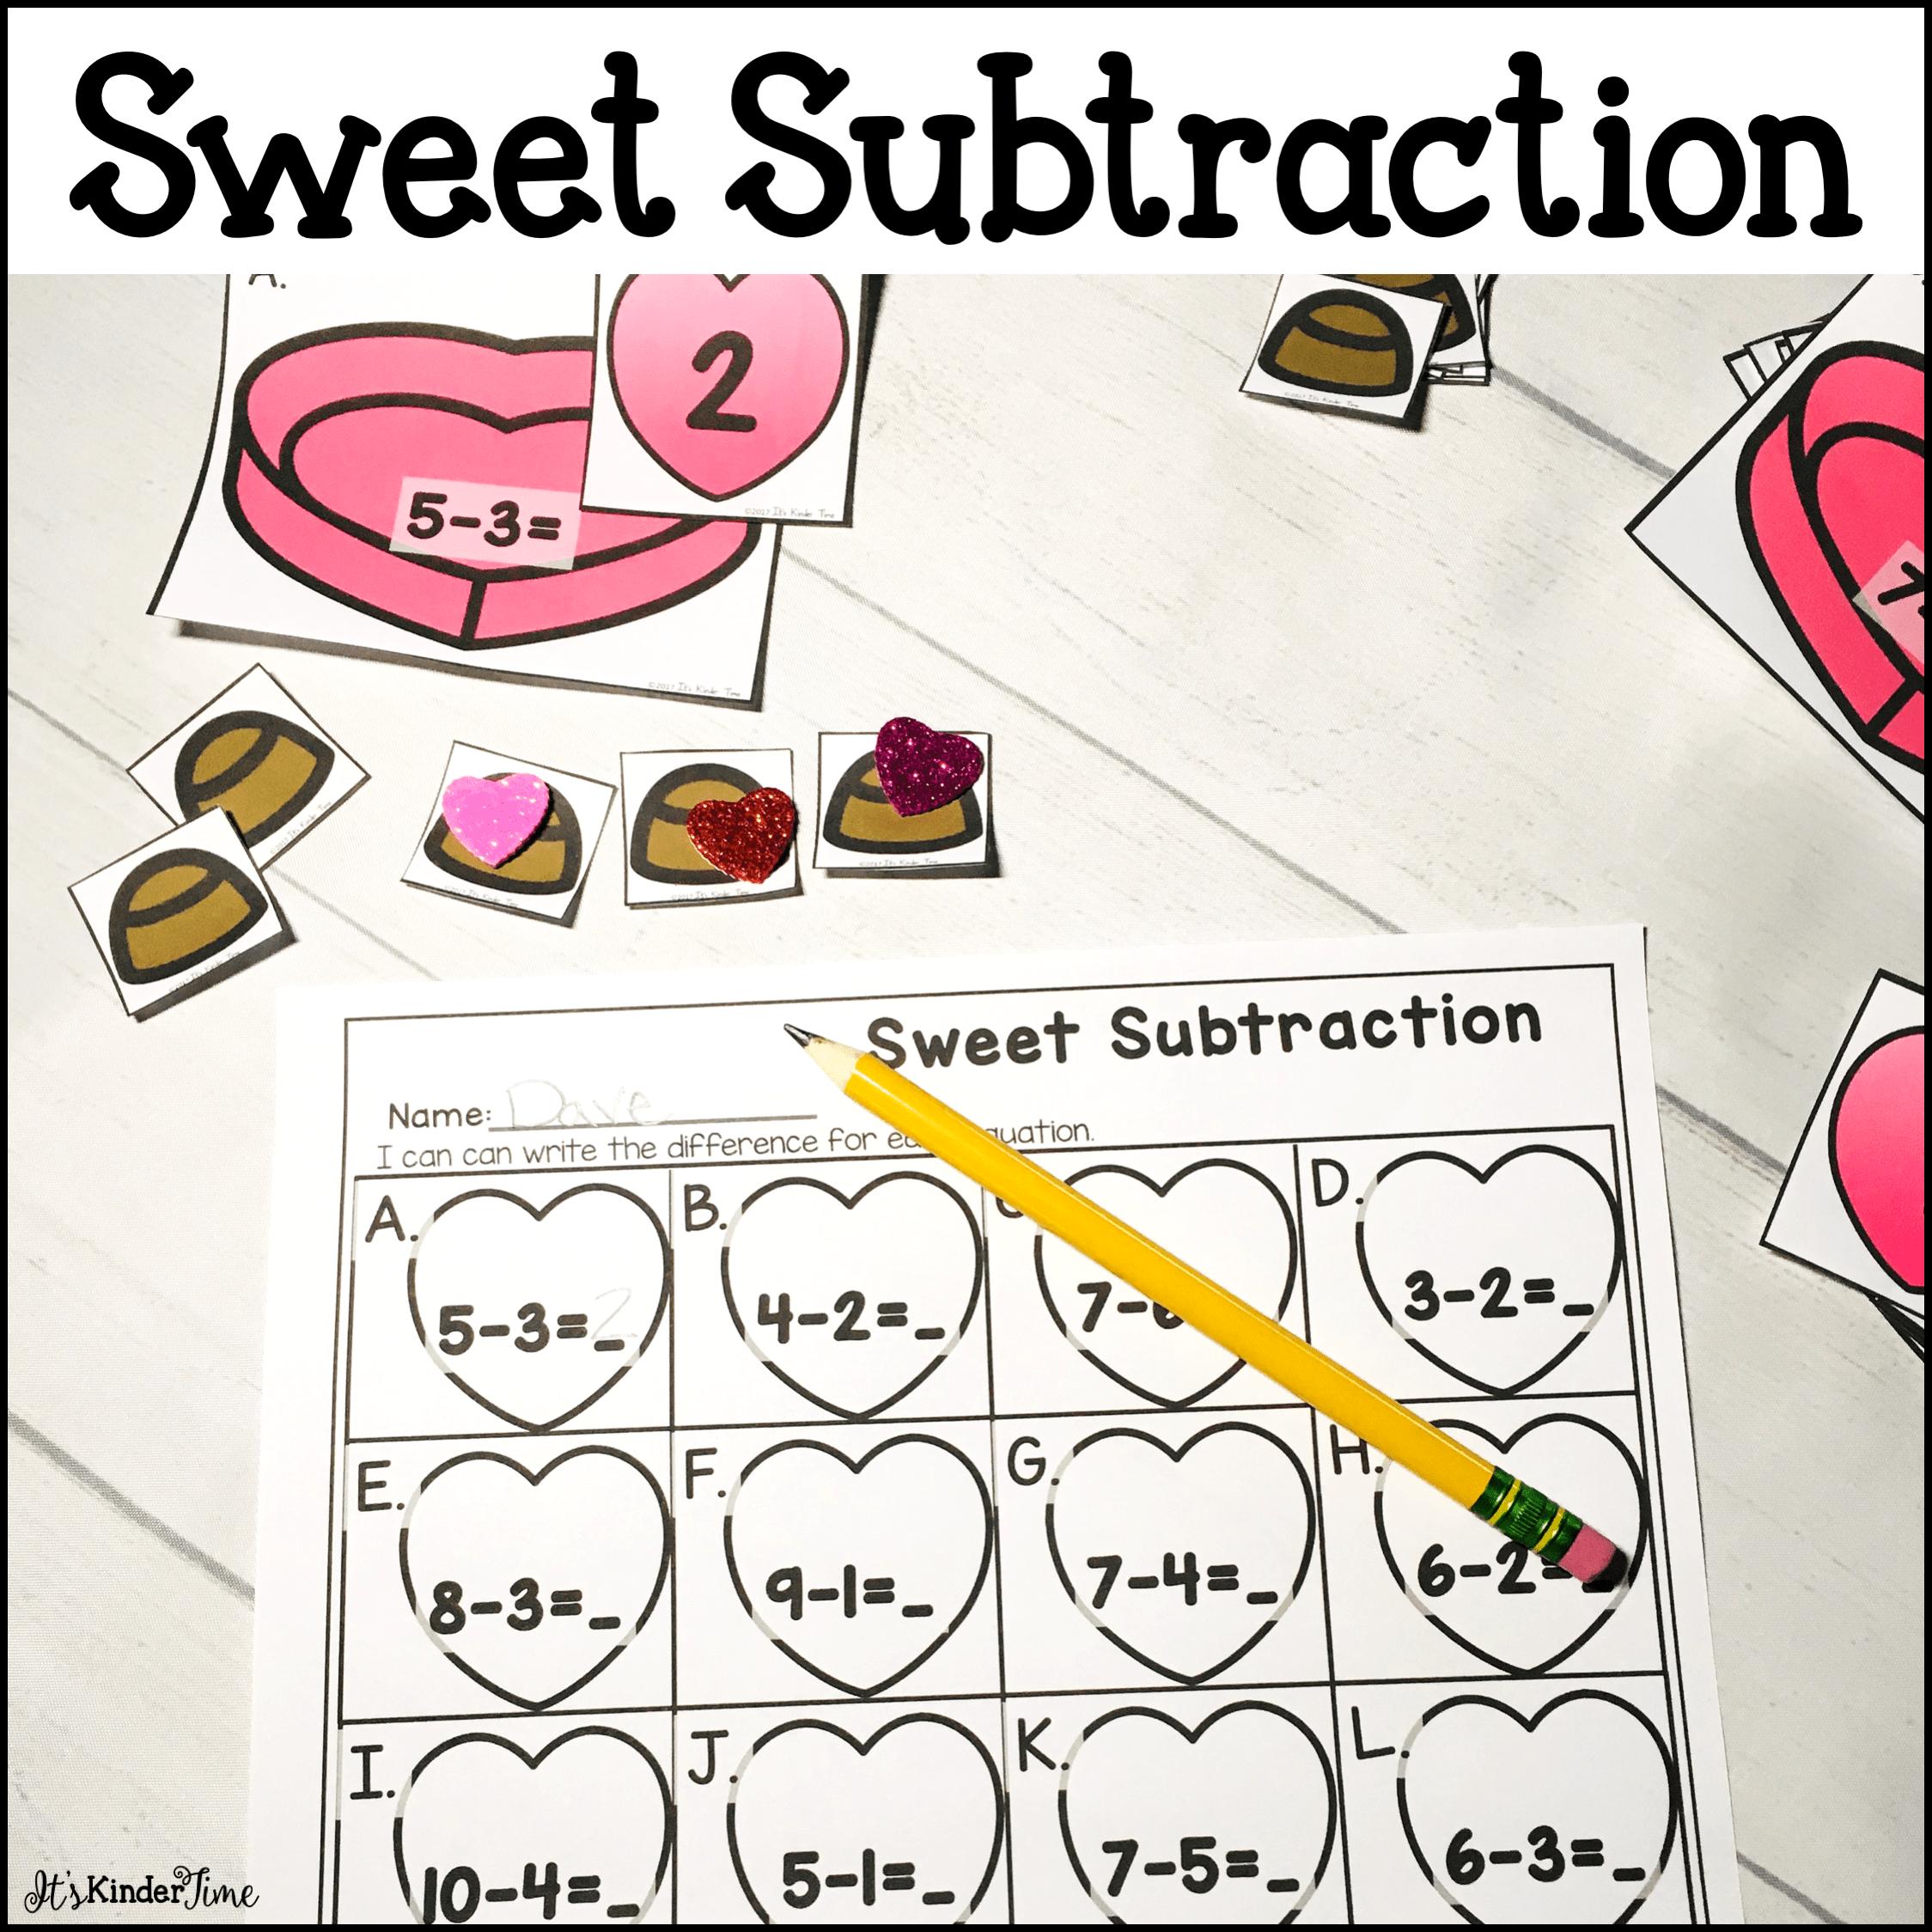 Sweet Subtraction Subtraction Practice